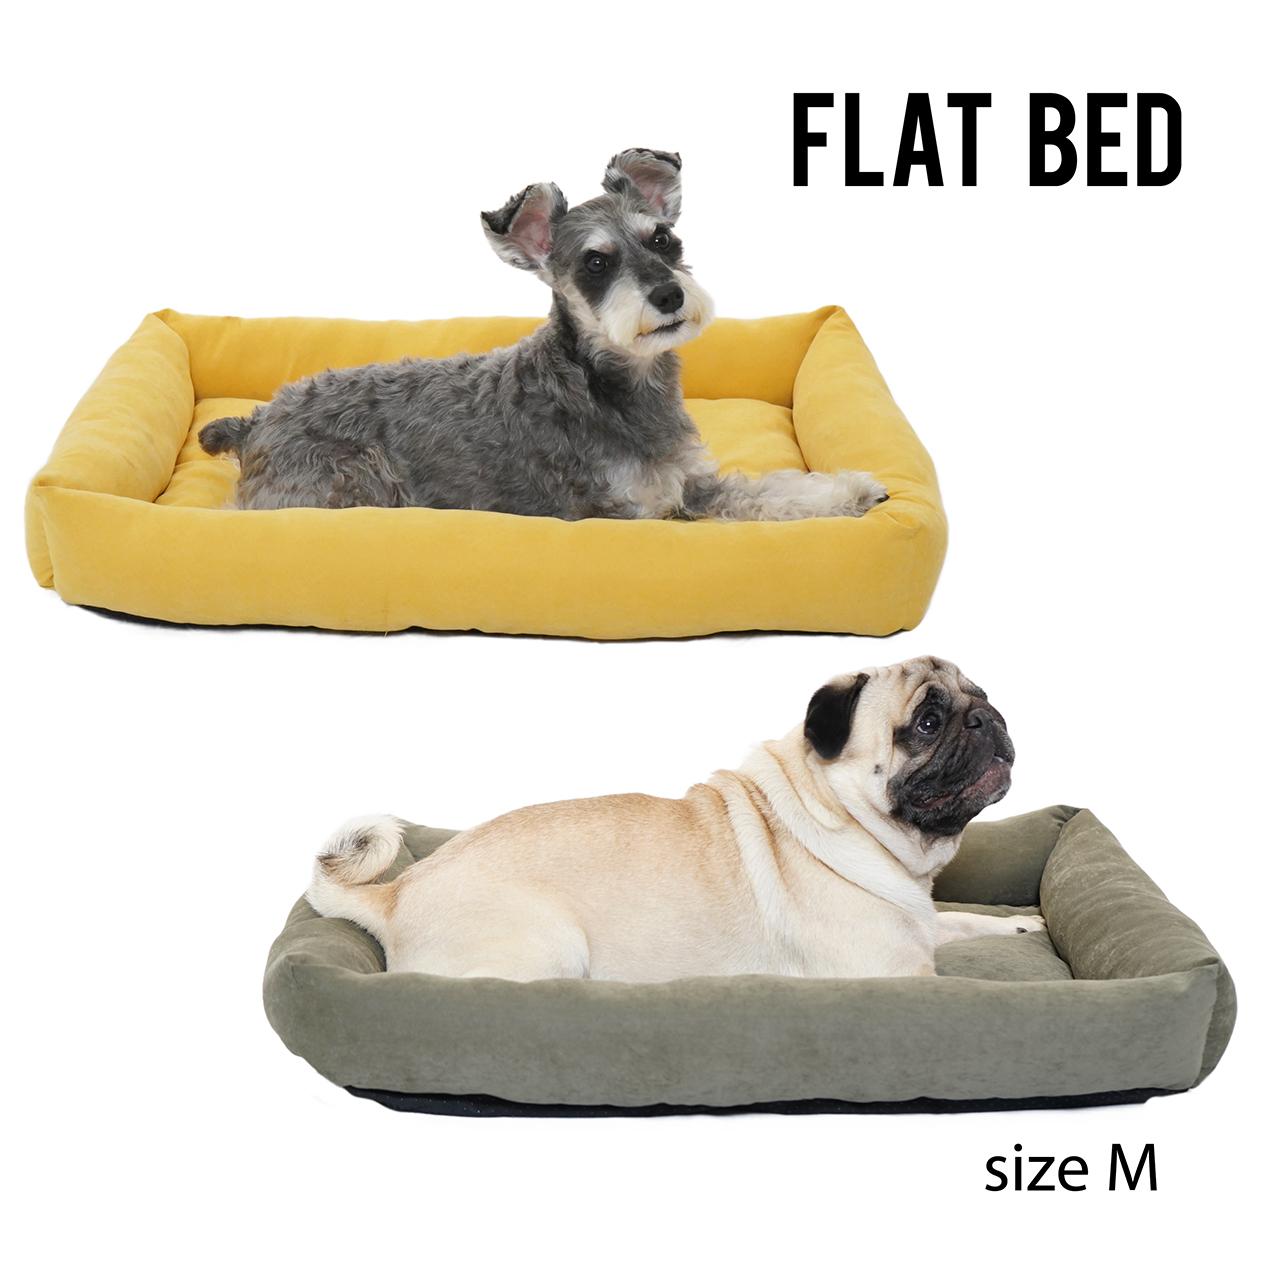 FLAT BED Mサイズ フラットベッドMサイズ